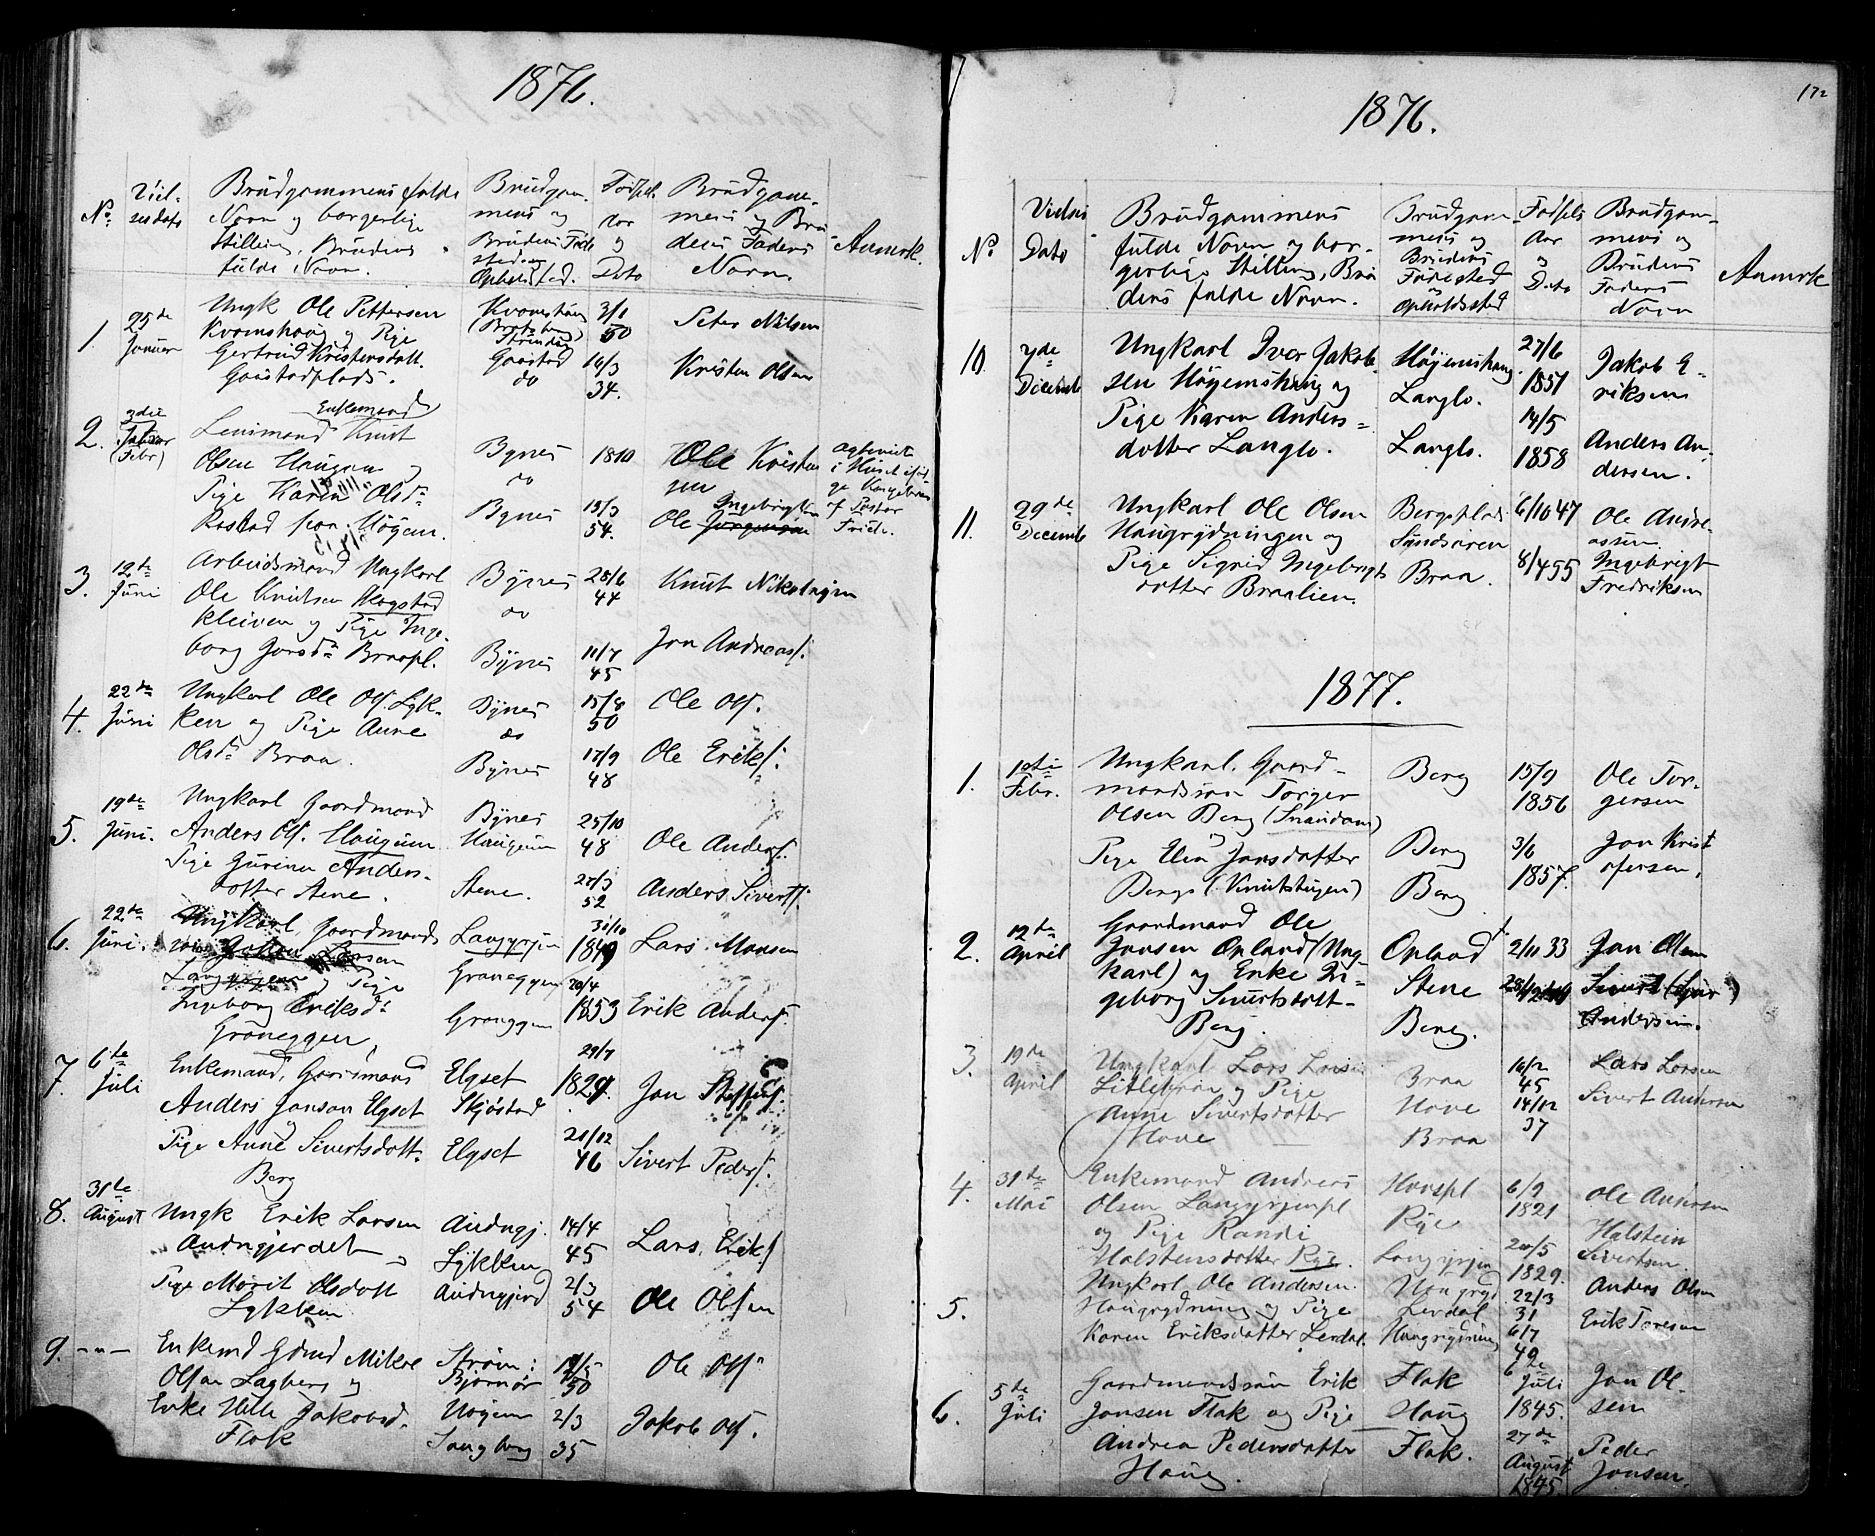 SAT, Ministerialprotokoller, klokkerbøker og fødselsregistre - Sør-Trøndelag, 612/L0387: Klokkerbok nr. 612C03, 1874-1908, s. 172